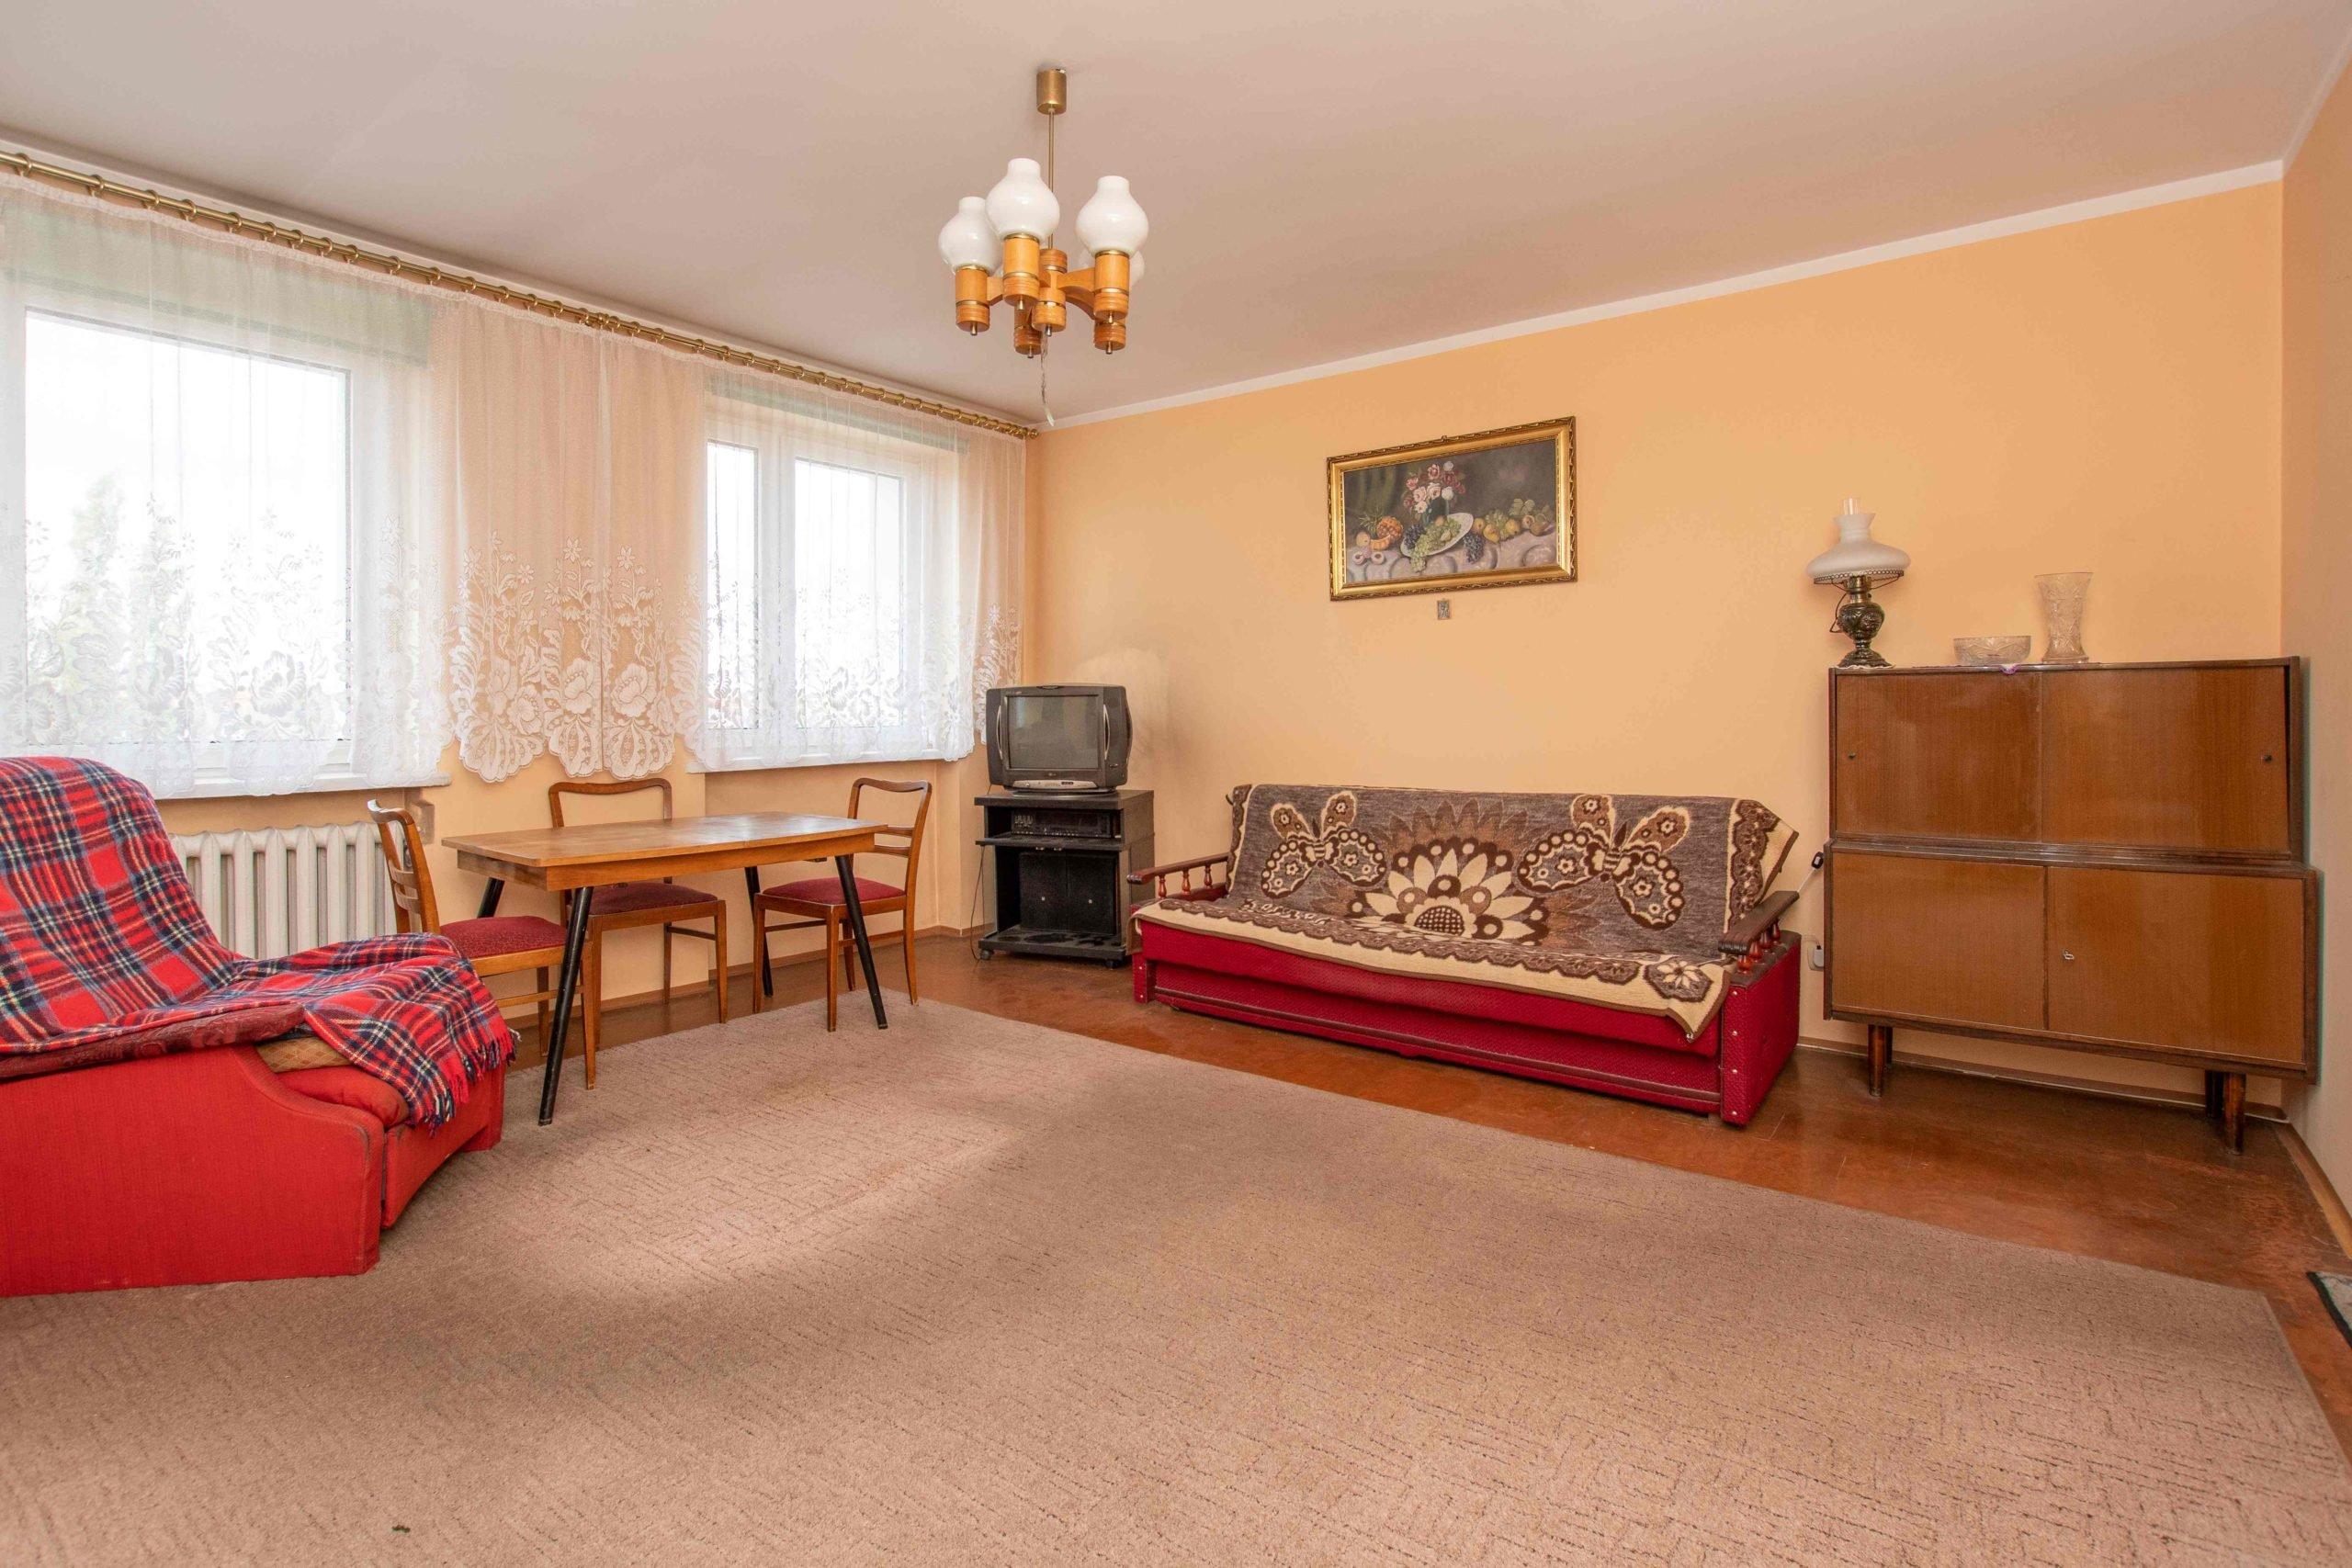 Mieszkanie 2-pokojowe 43,11 m2, doskonała lokalizacja Poznań Jeżyce